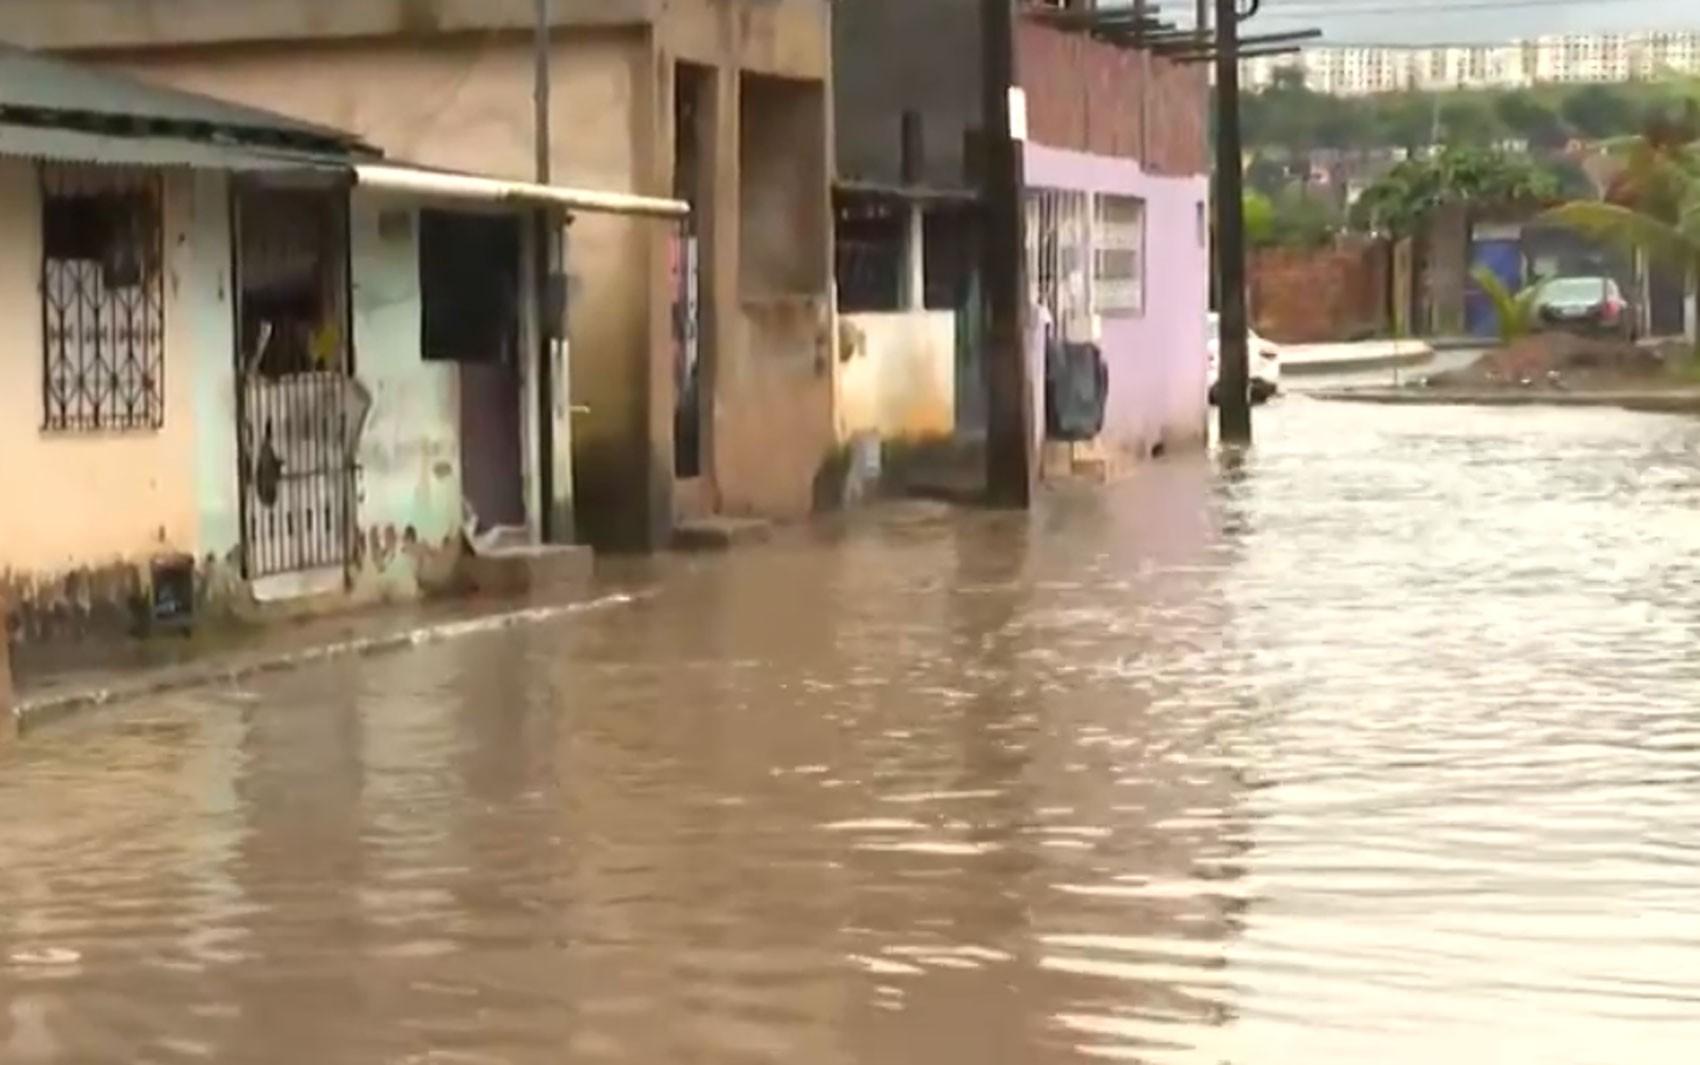 Enchentes nas ruas, casas alagadas e deslizamento: chuva causa transtornos em vários bairros de Salvador